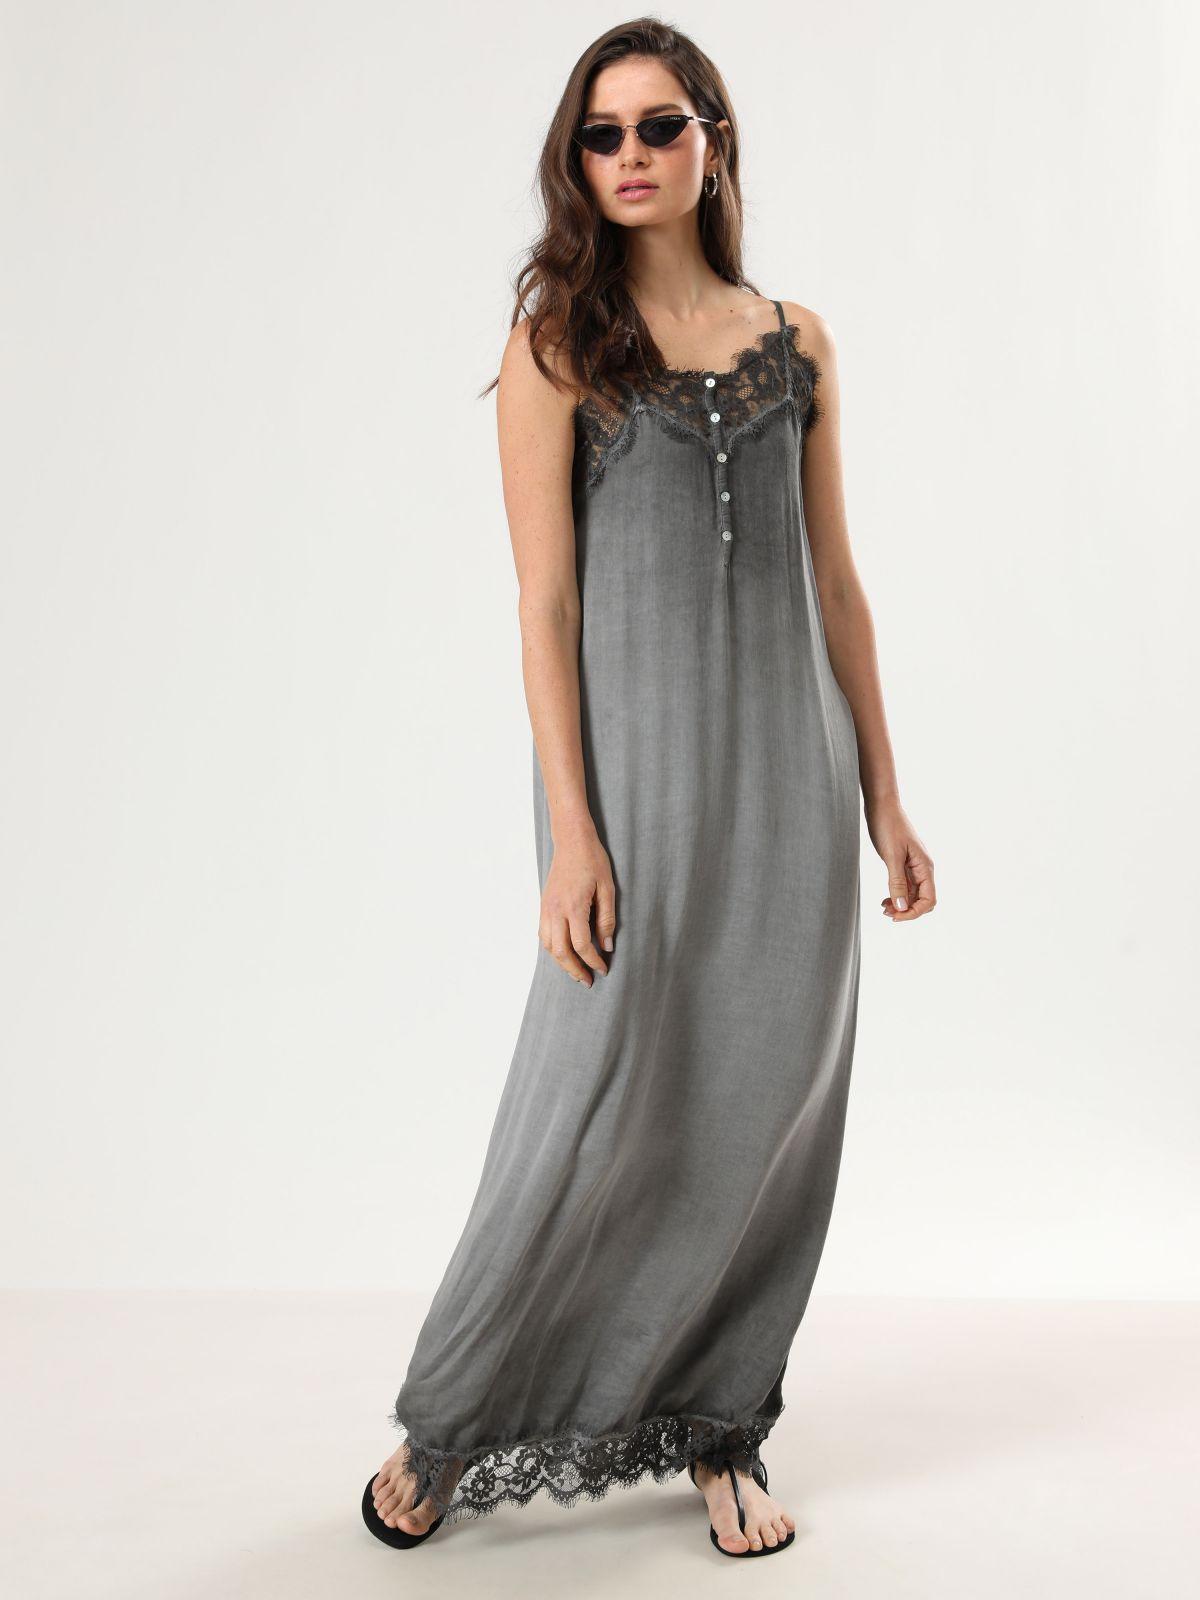 שמלת טאי דאי מקסי בשילוב תחרהשמלת טאי דאי מקסי בשילוב תחרה של TERMINAL X